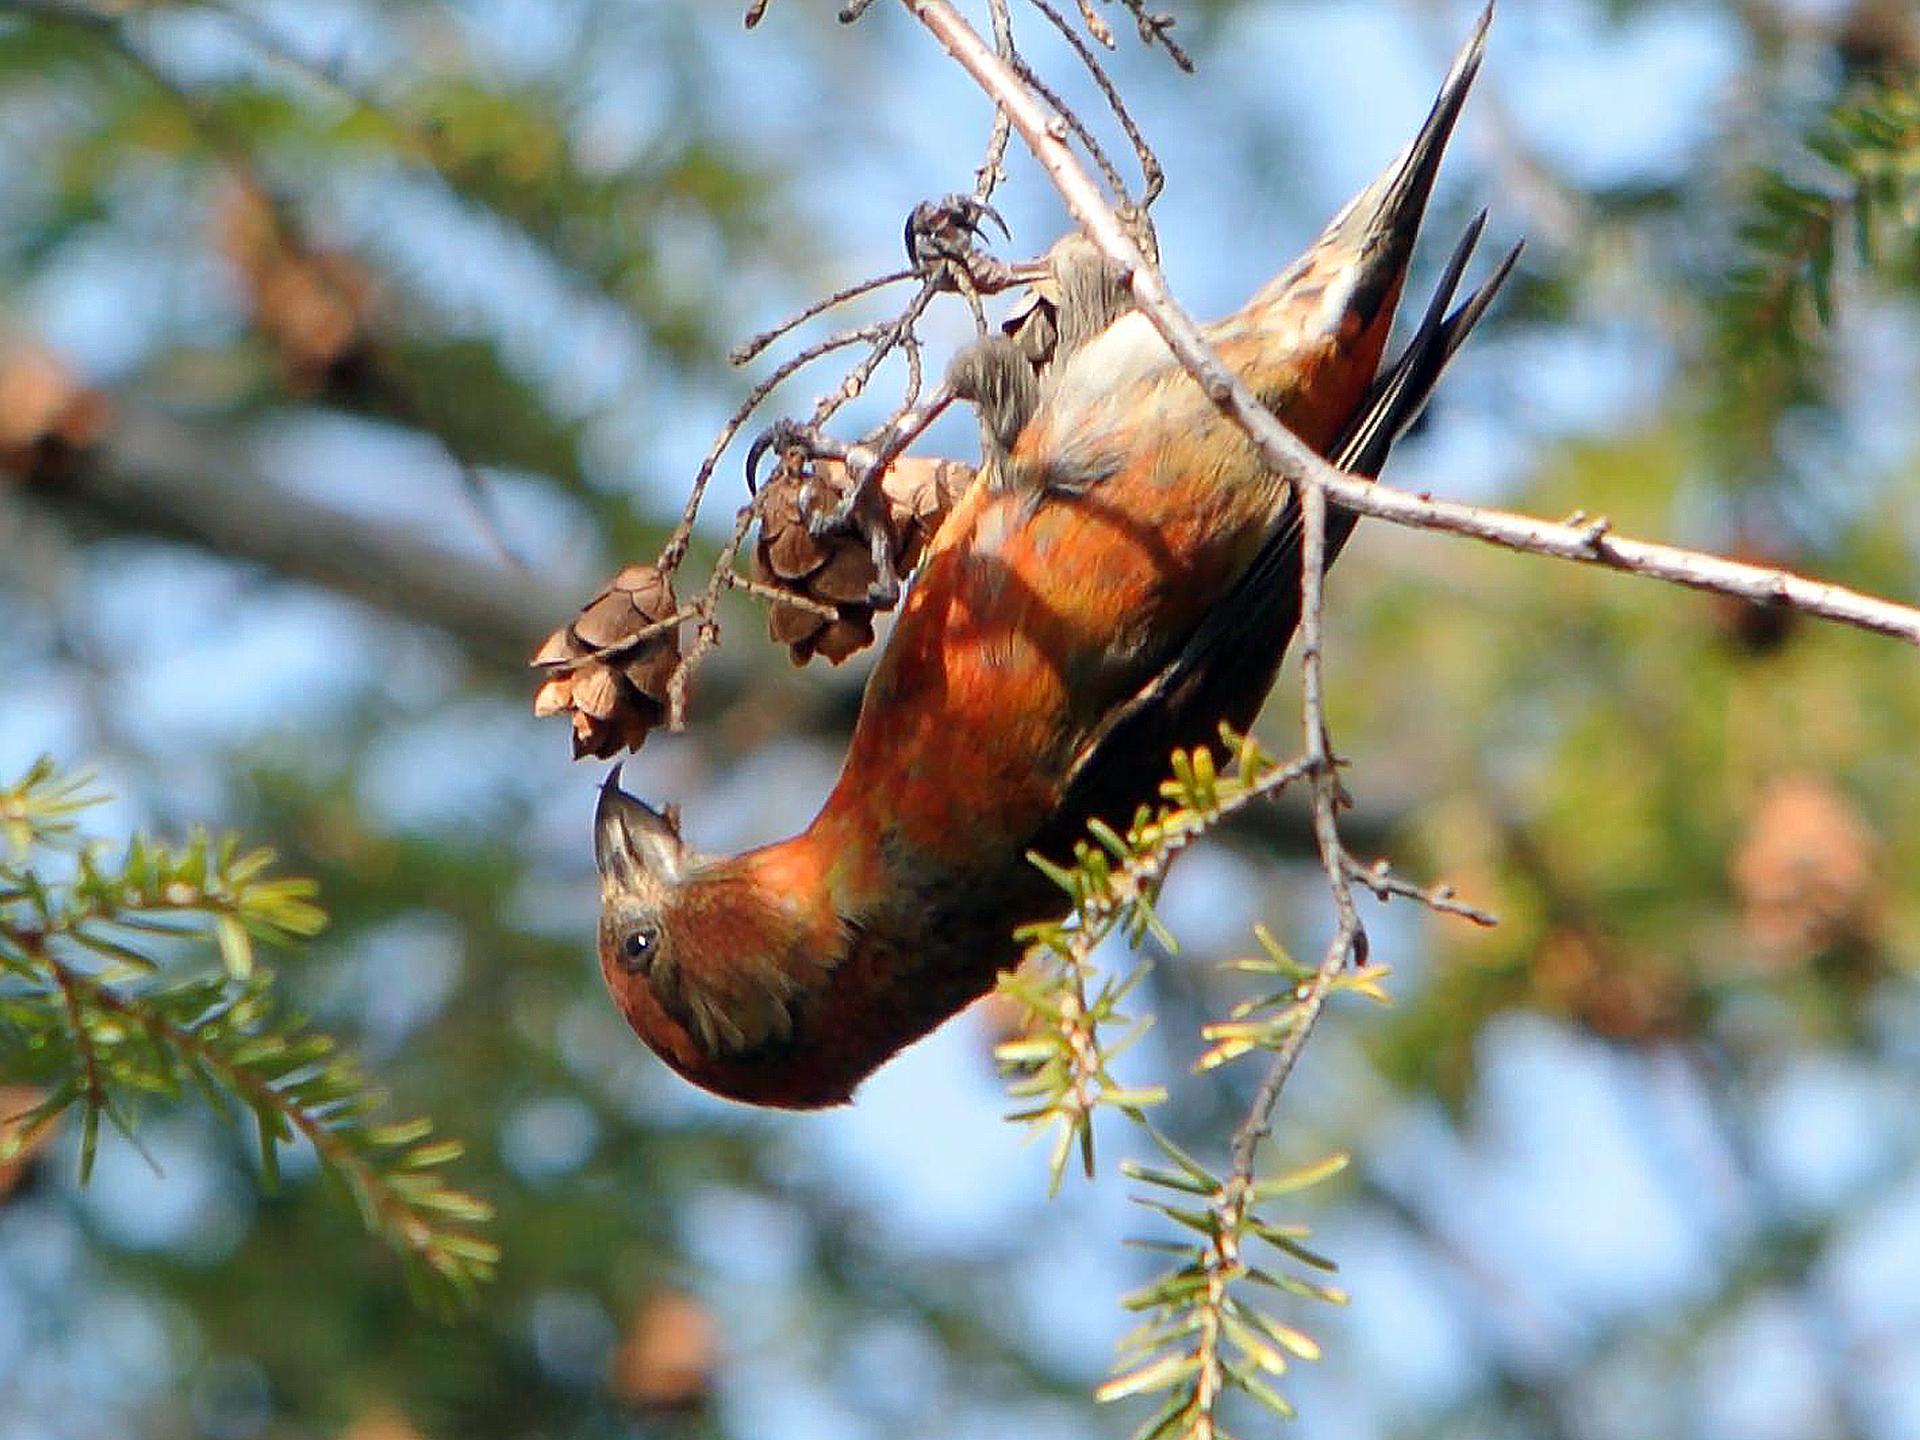 Fotografia przedstawia brązowego ptaka zgrubym dziobem, siedzącego na gałęzi sosny. Krzyżodziób trzyma wdziobie szyszkę, zktórej może wyjadać pożywne nasiona.